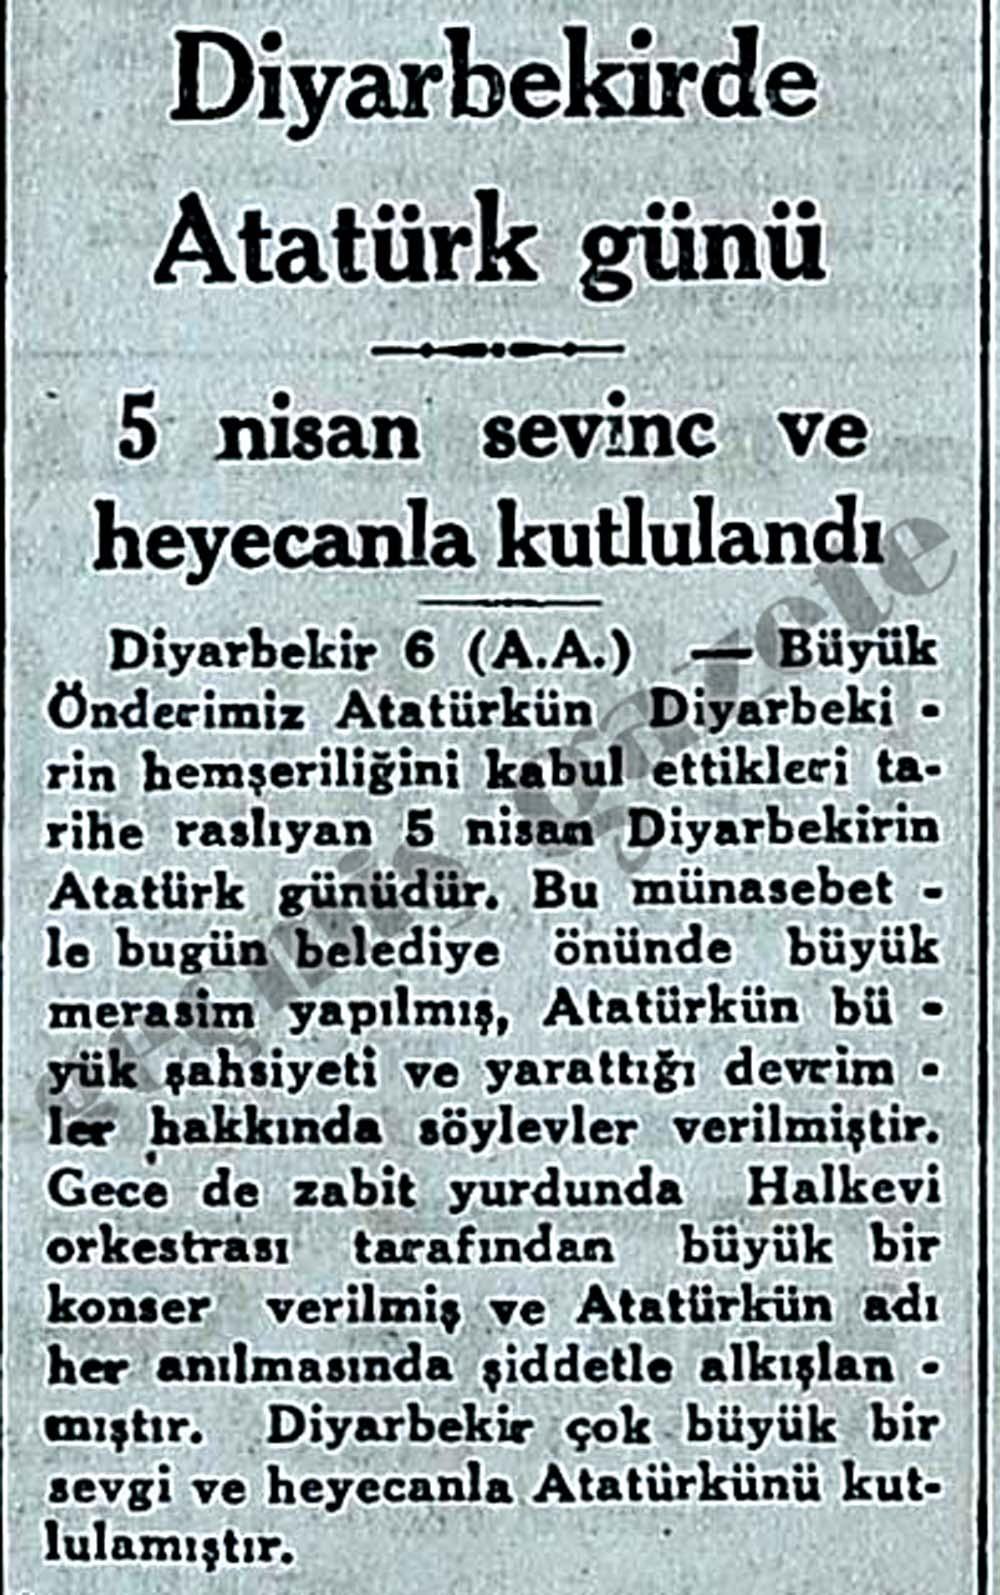 Diyarbekirde Atatürk günü sevinc ve heyecanla kutlulandı